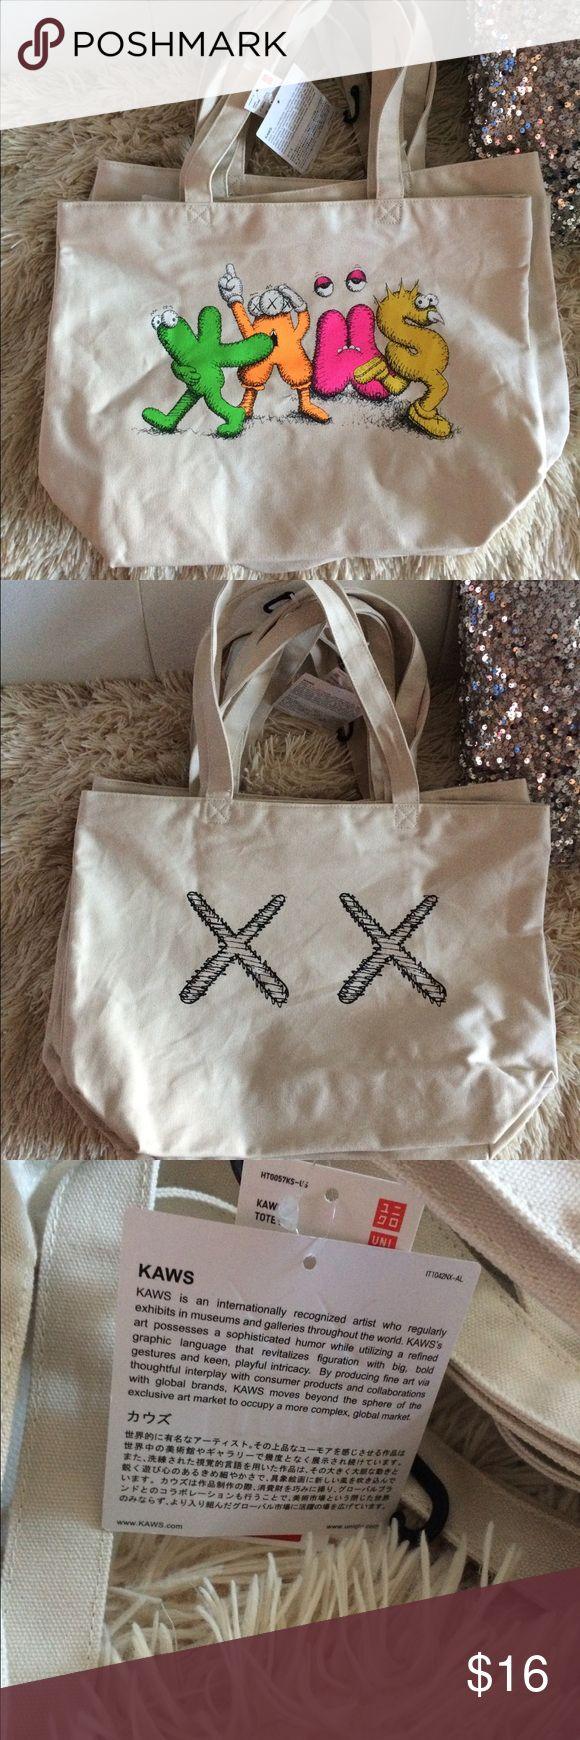 Kaws X Uniqlo Tote Bag Cream Beige Brand new, never worn. Tags are attached. Kaws X Uniqlo Tote Bag. Uniqlo Accessories Hats